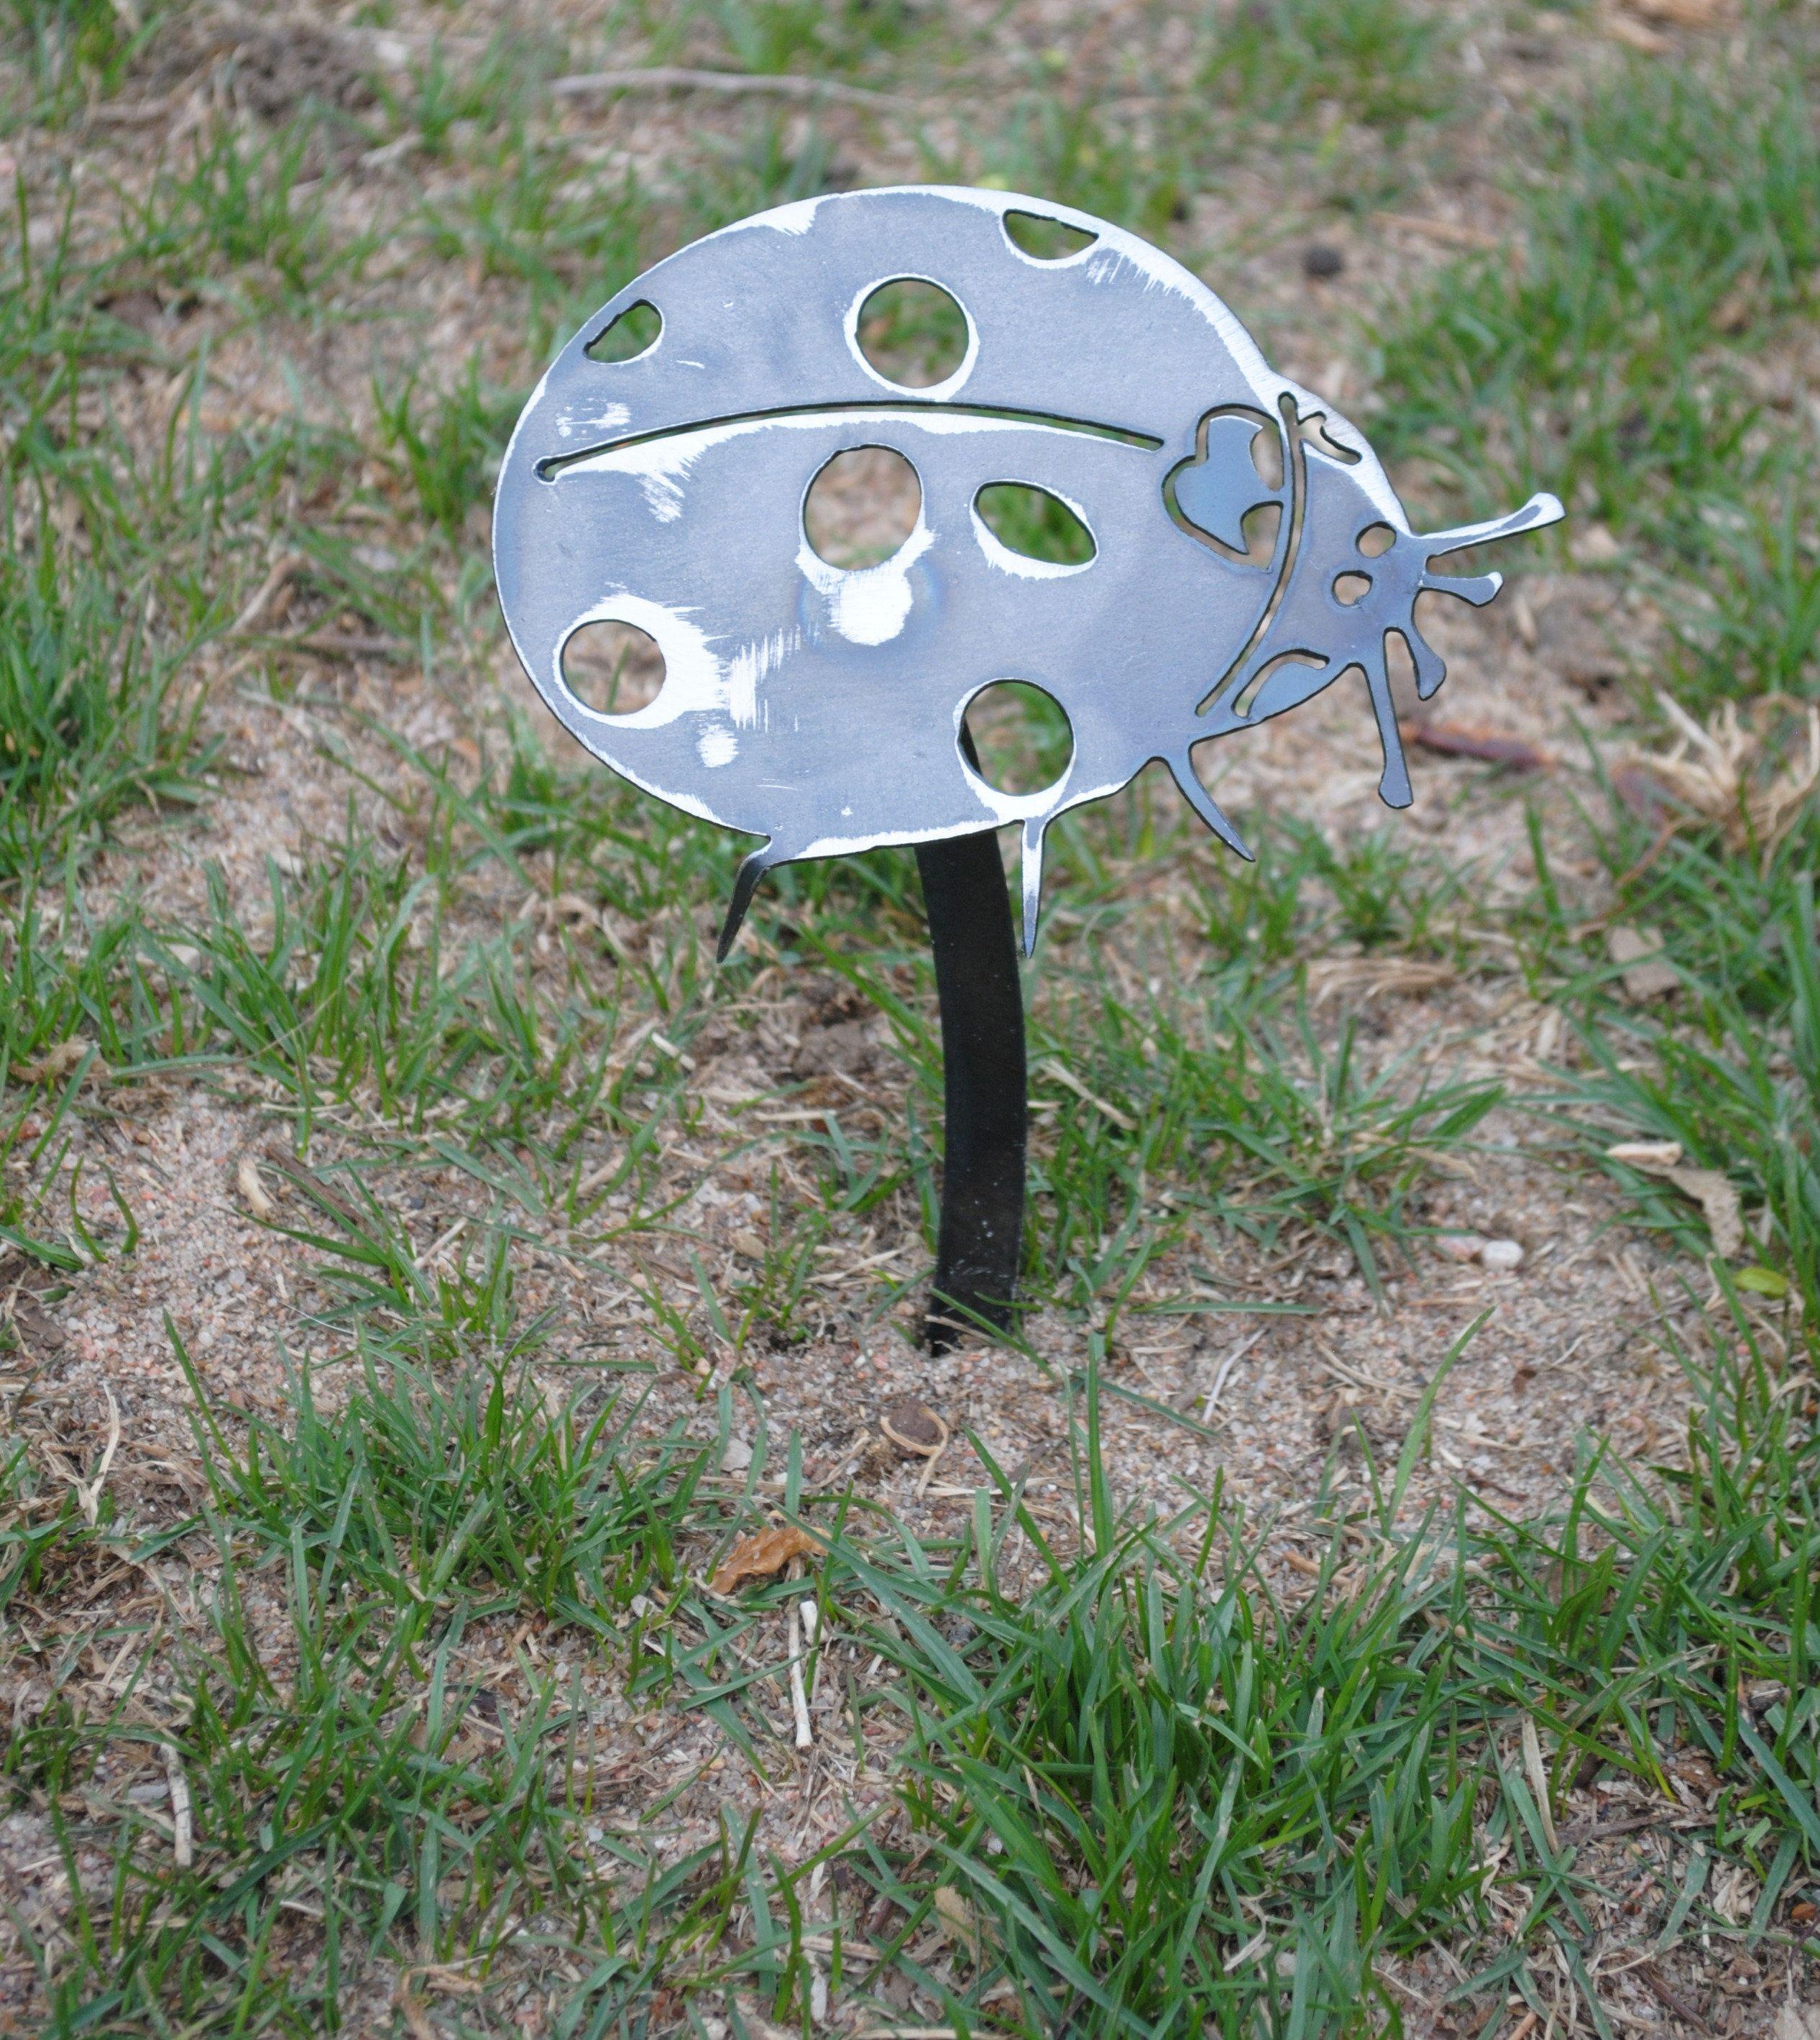 Garden Of Art: Metal Ladybug Garden Decor, Metal Ladybug, Ladybug, Bug